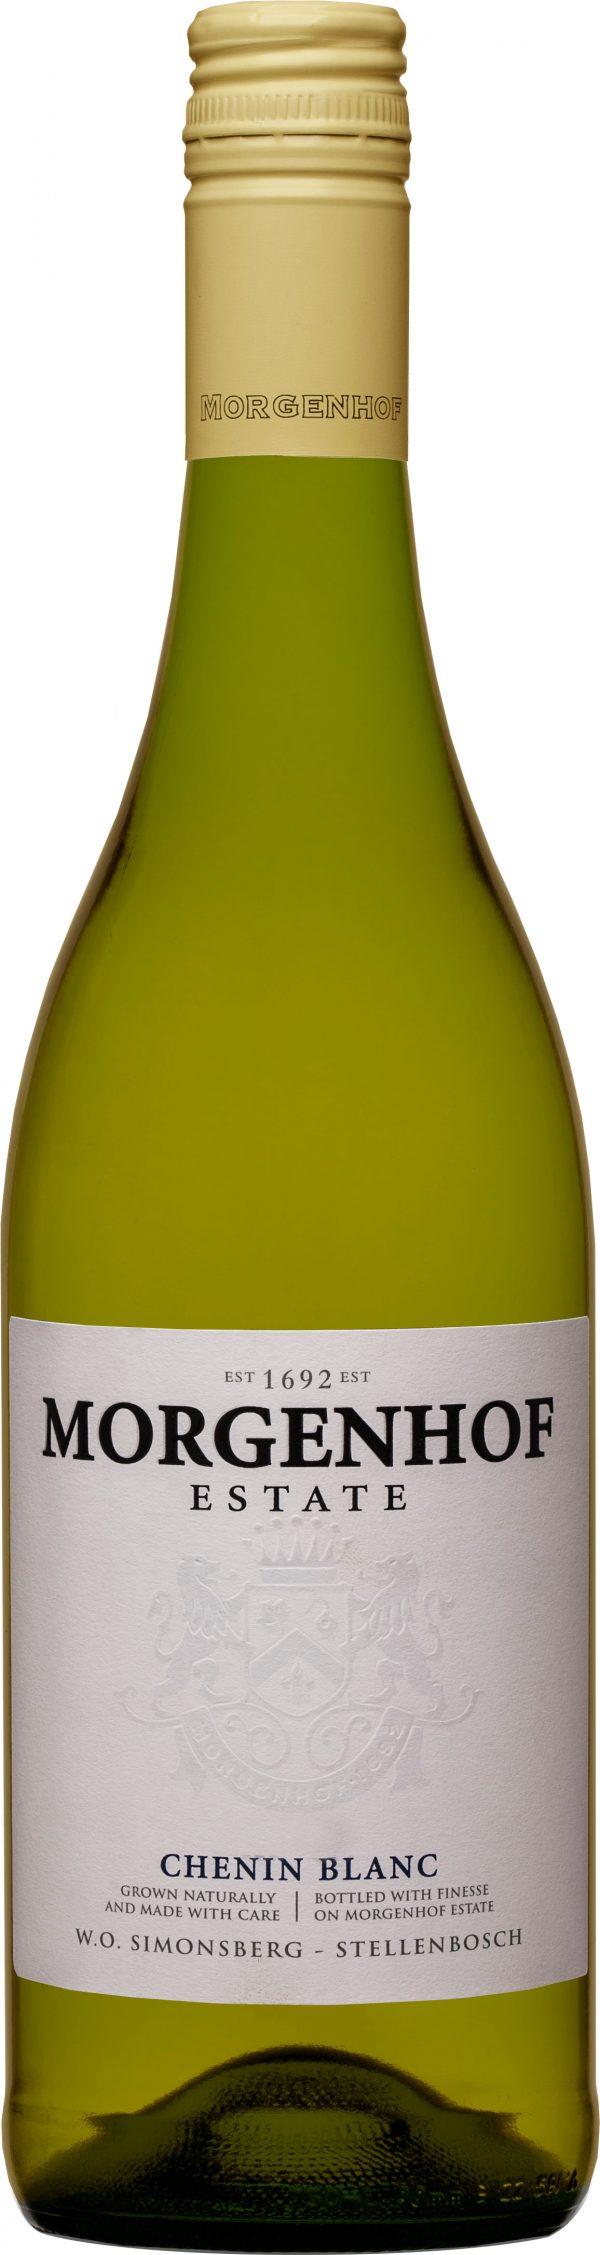 Morgenhof - Chenin Blanc 2017 75cl Bottle